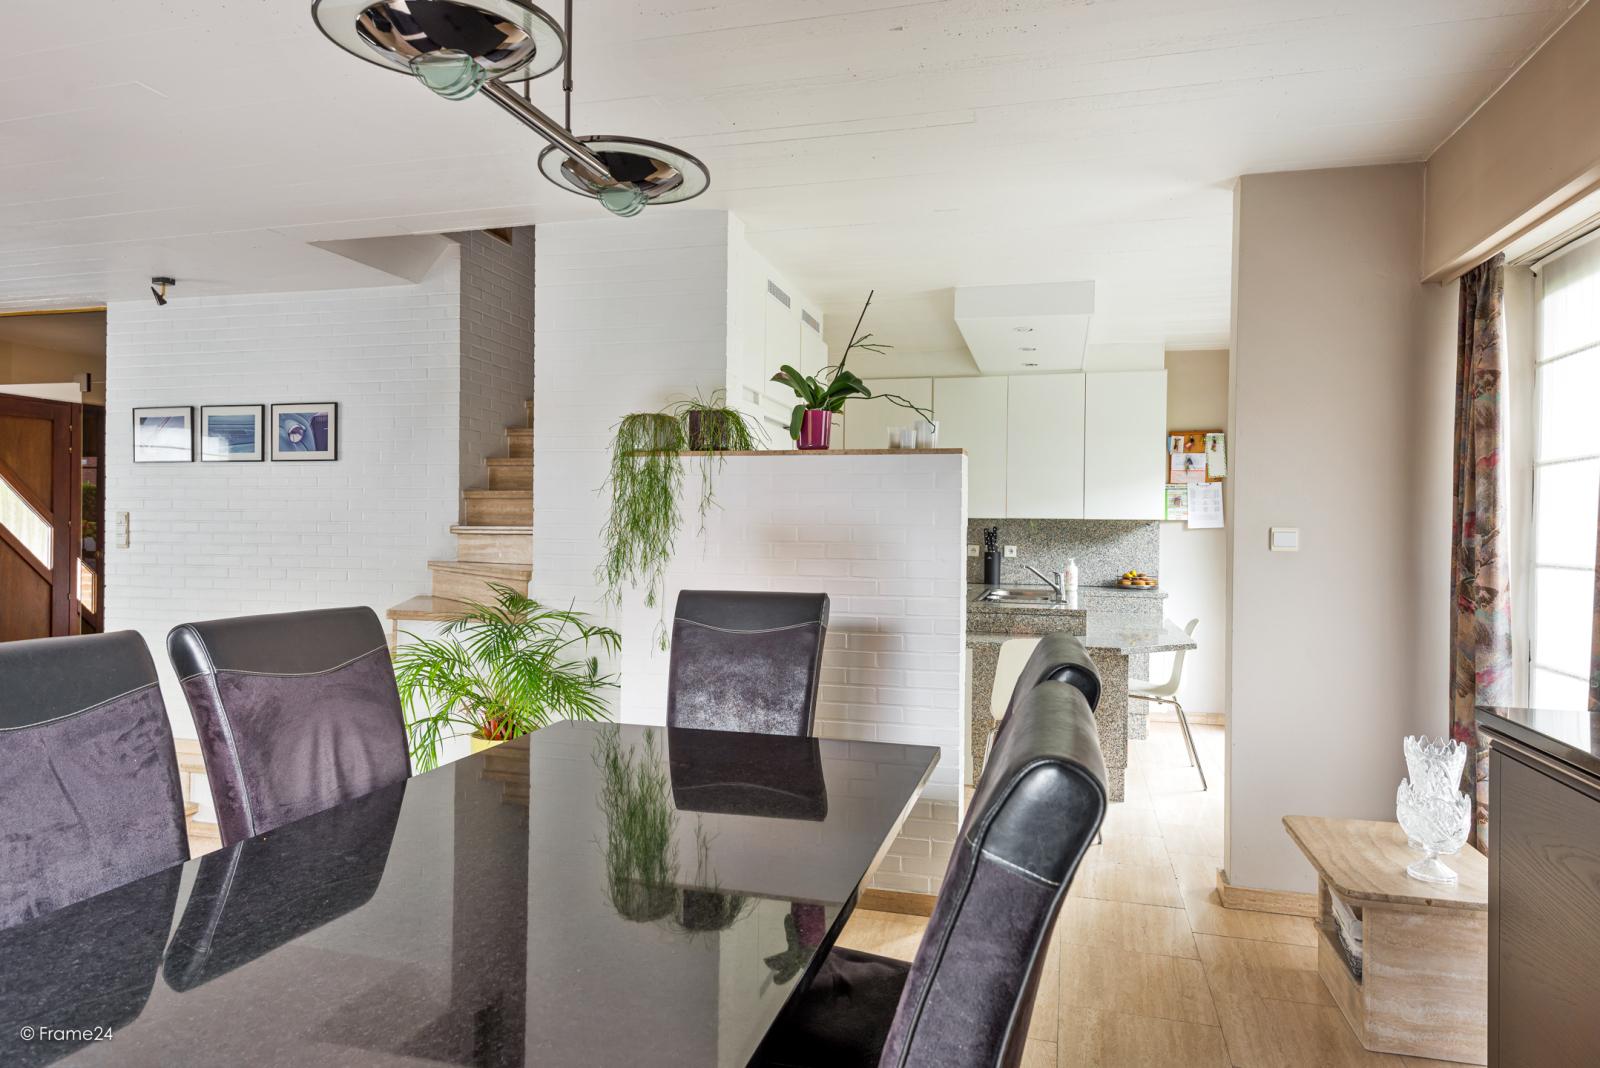 Zeer verzorgde halfopen woning met 4 slaapkamers en gelegen op een hoekperceel van 457 m²! afbeelding 9